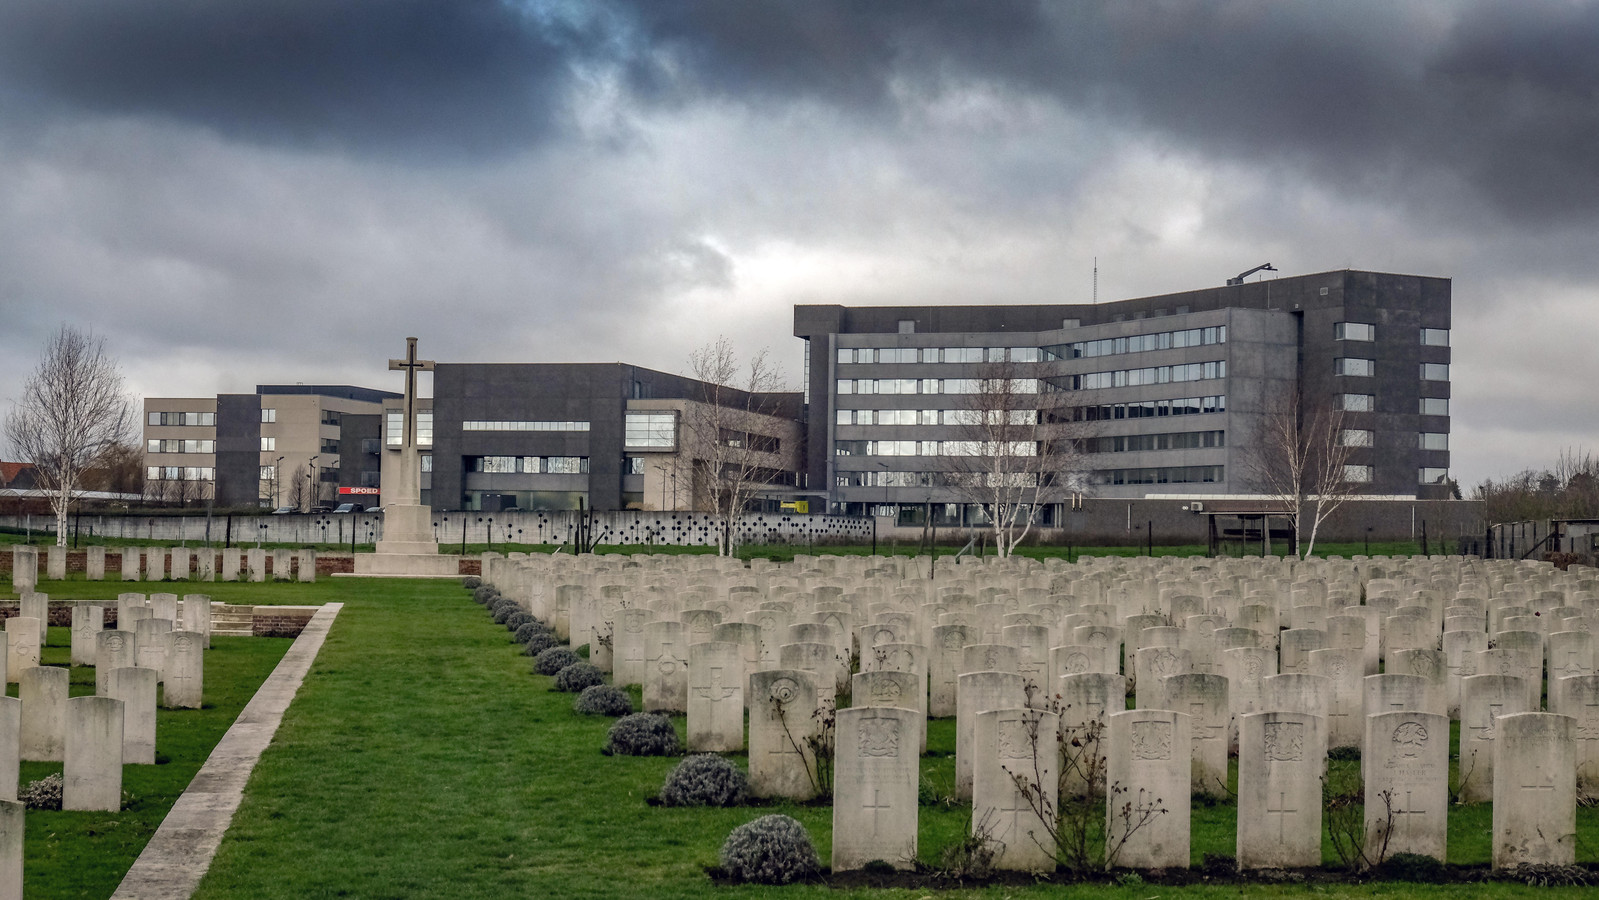 Een zicht op het ziekenhuis vanop de begraafplaats.